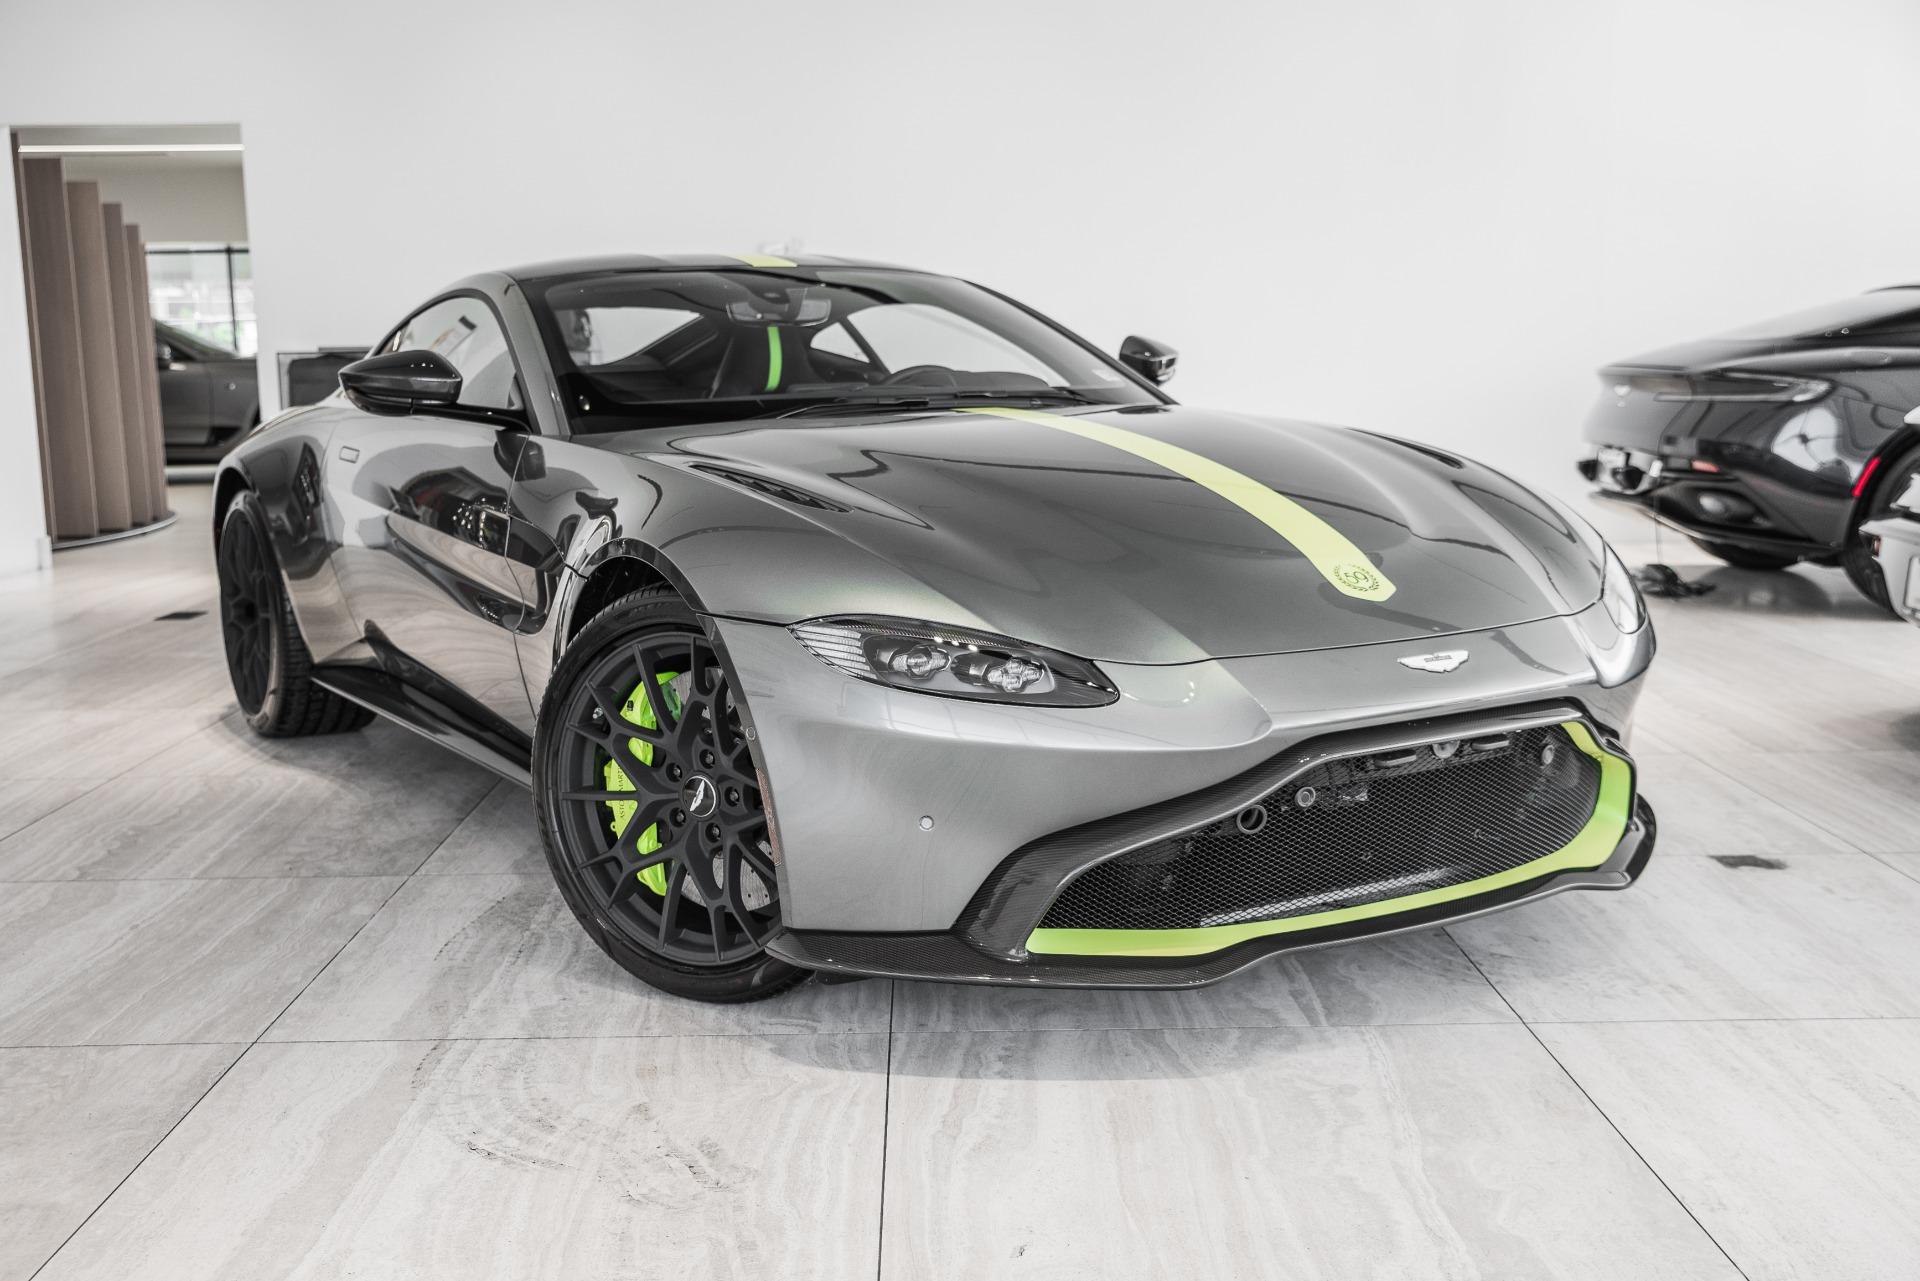 2020 Aston Martin Vantage Amr Stock 20nn04850 For Sale Near Vienna Va Va Aston Martin Dealer